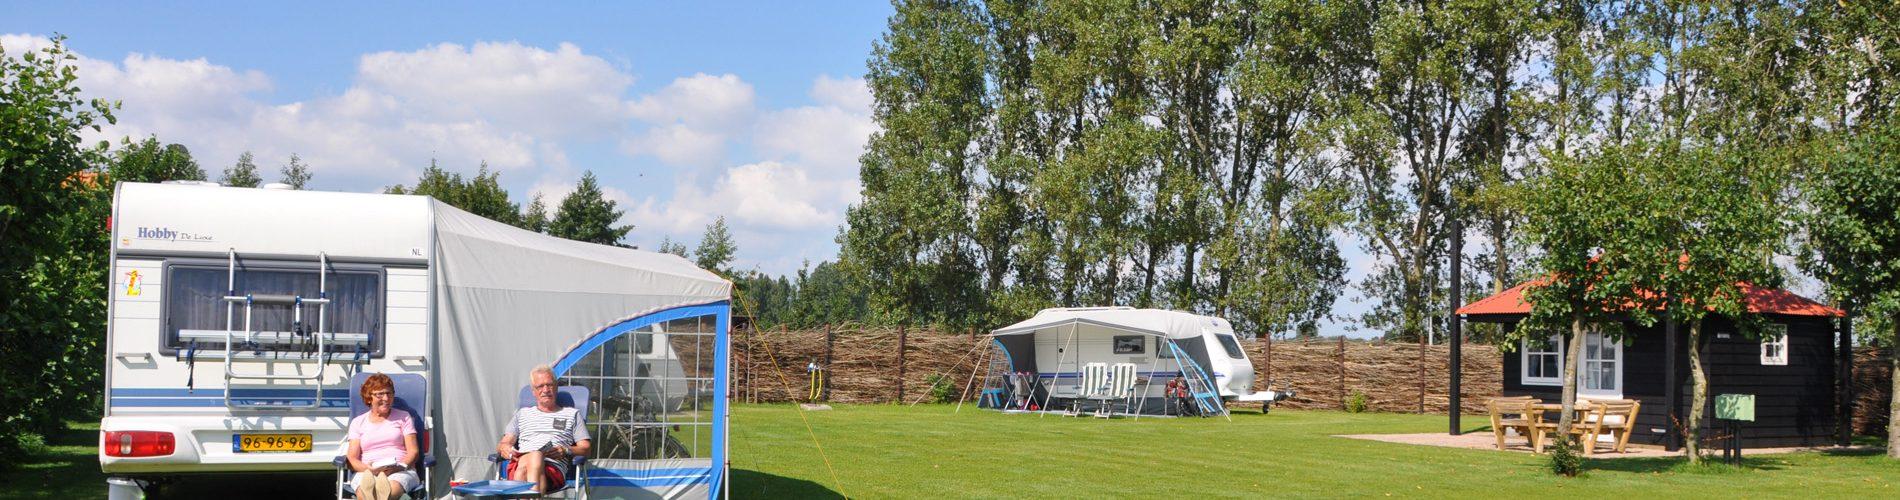 Kamperen of een huisje huren op camping de Nesse in Limmen